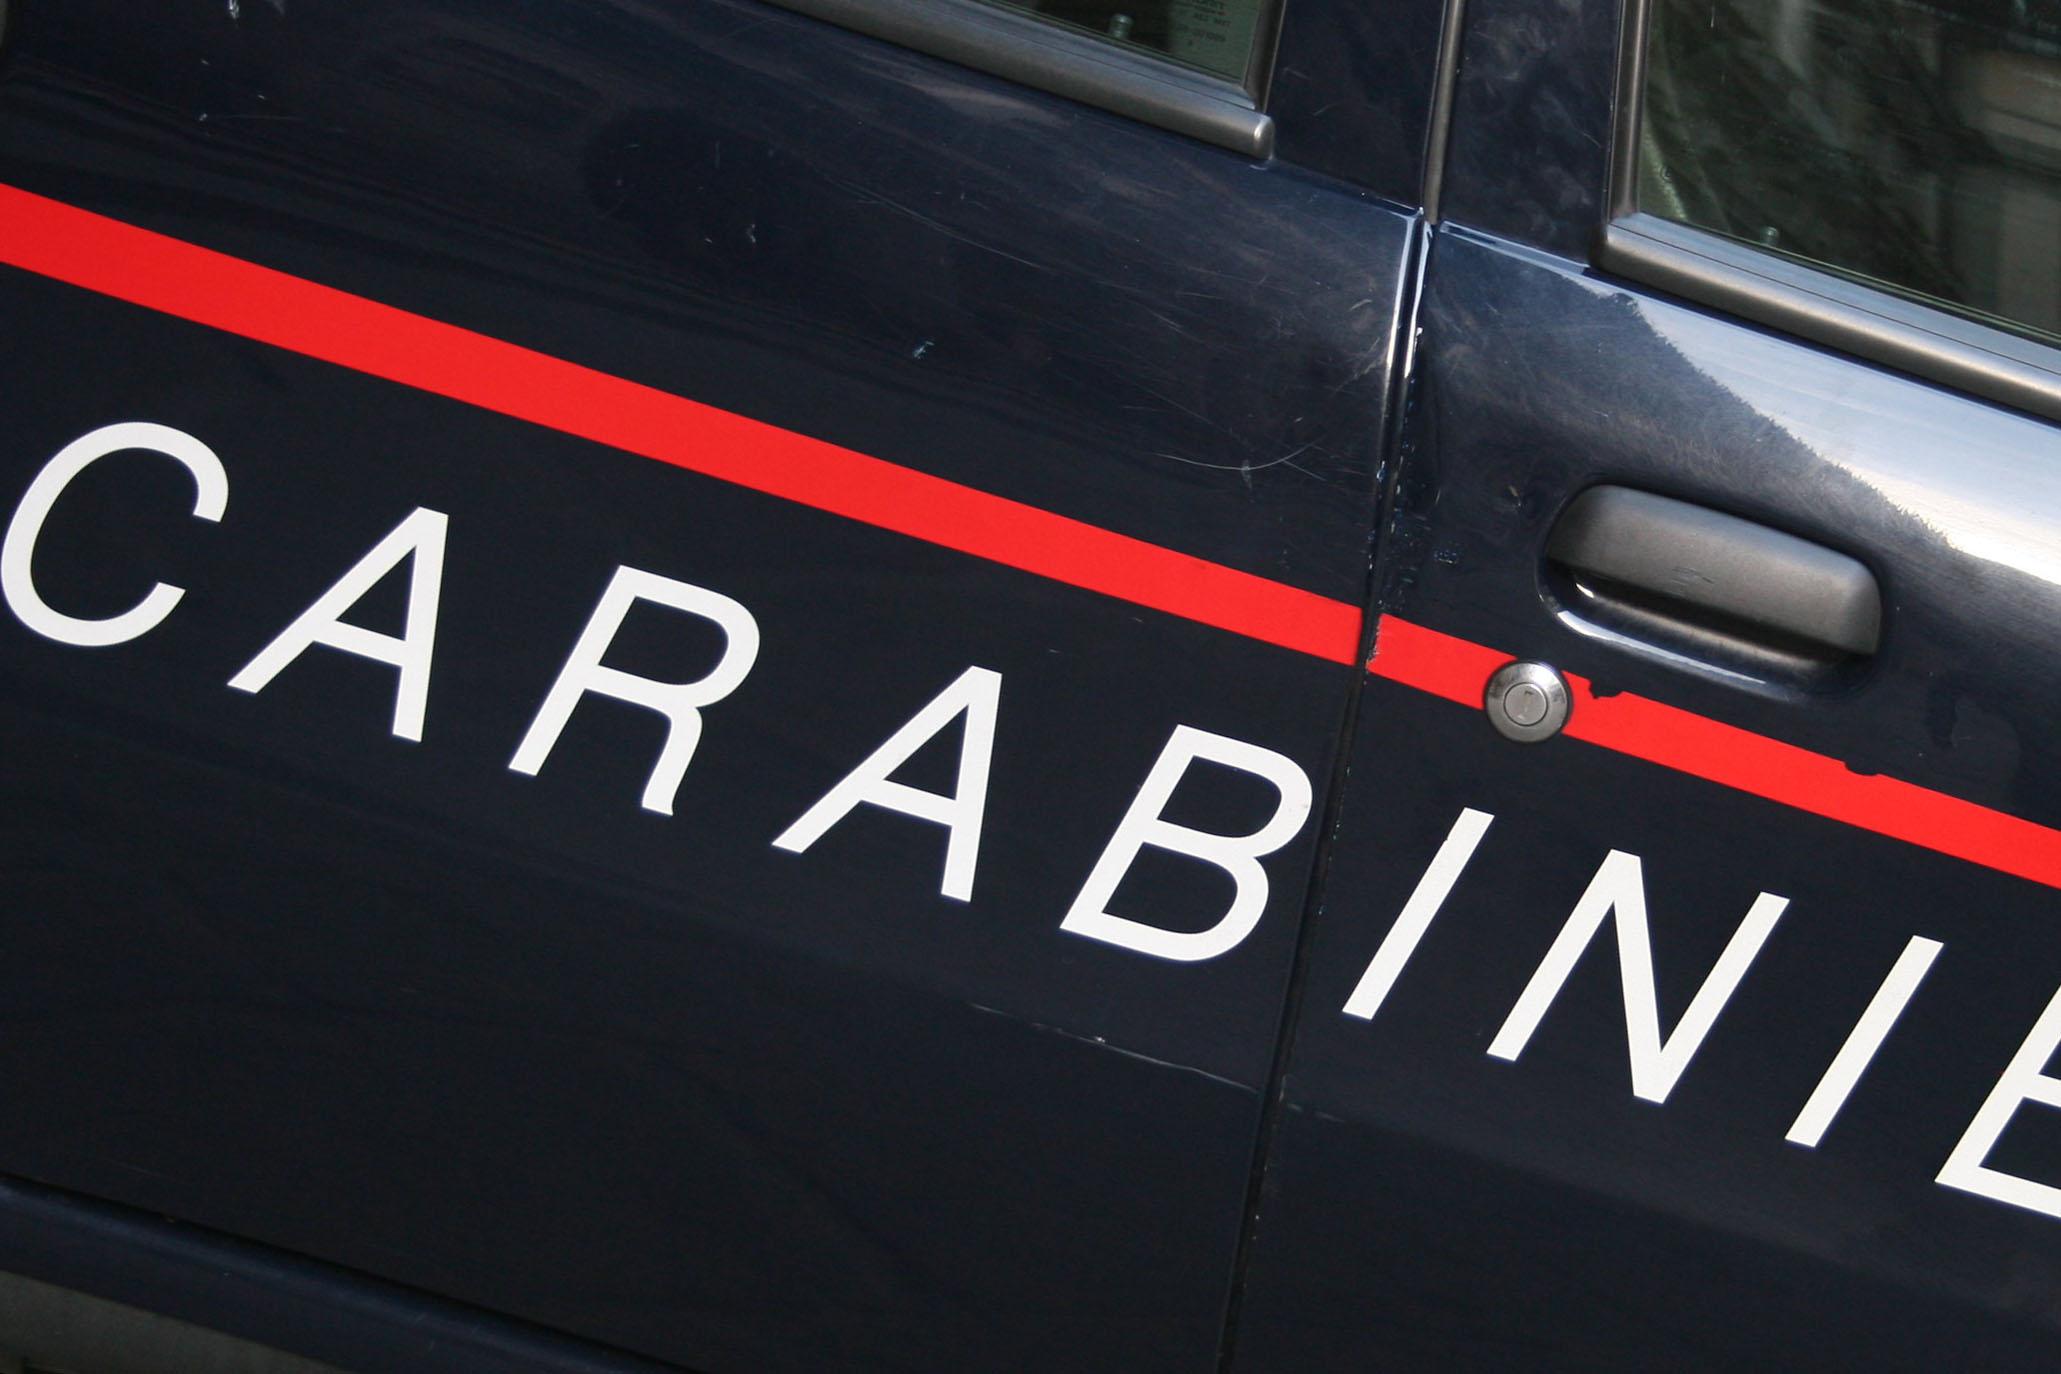 Carabinieri con scritta